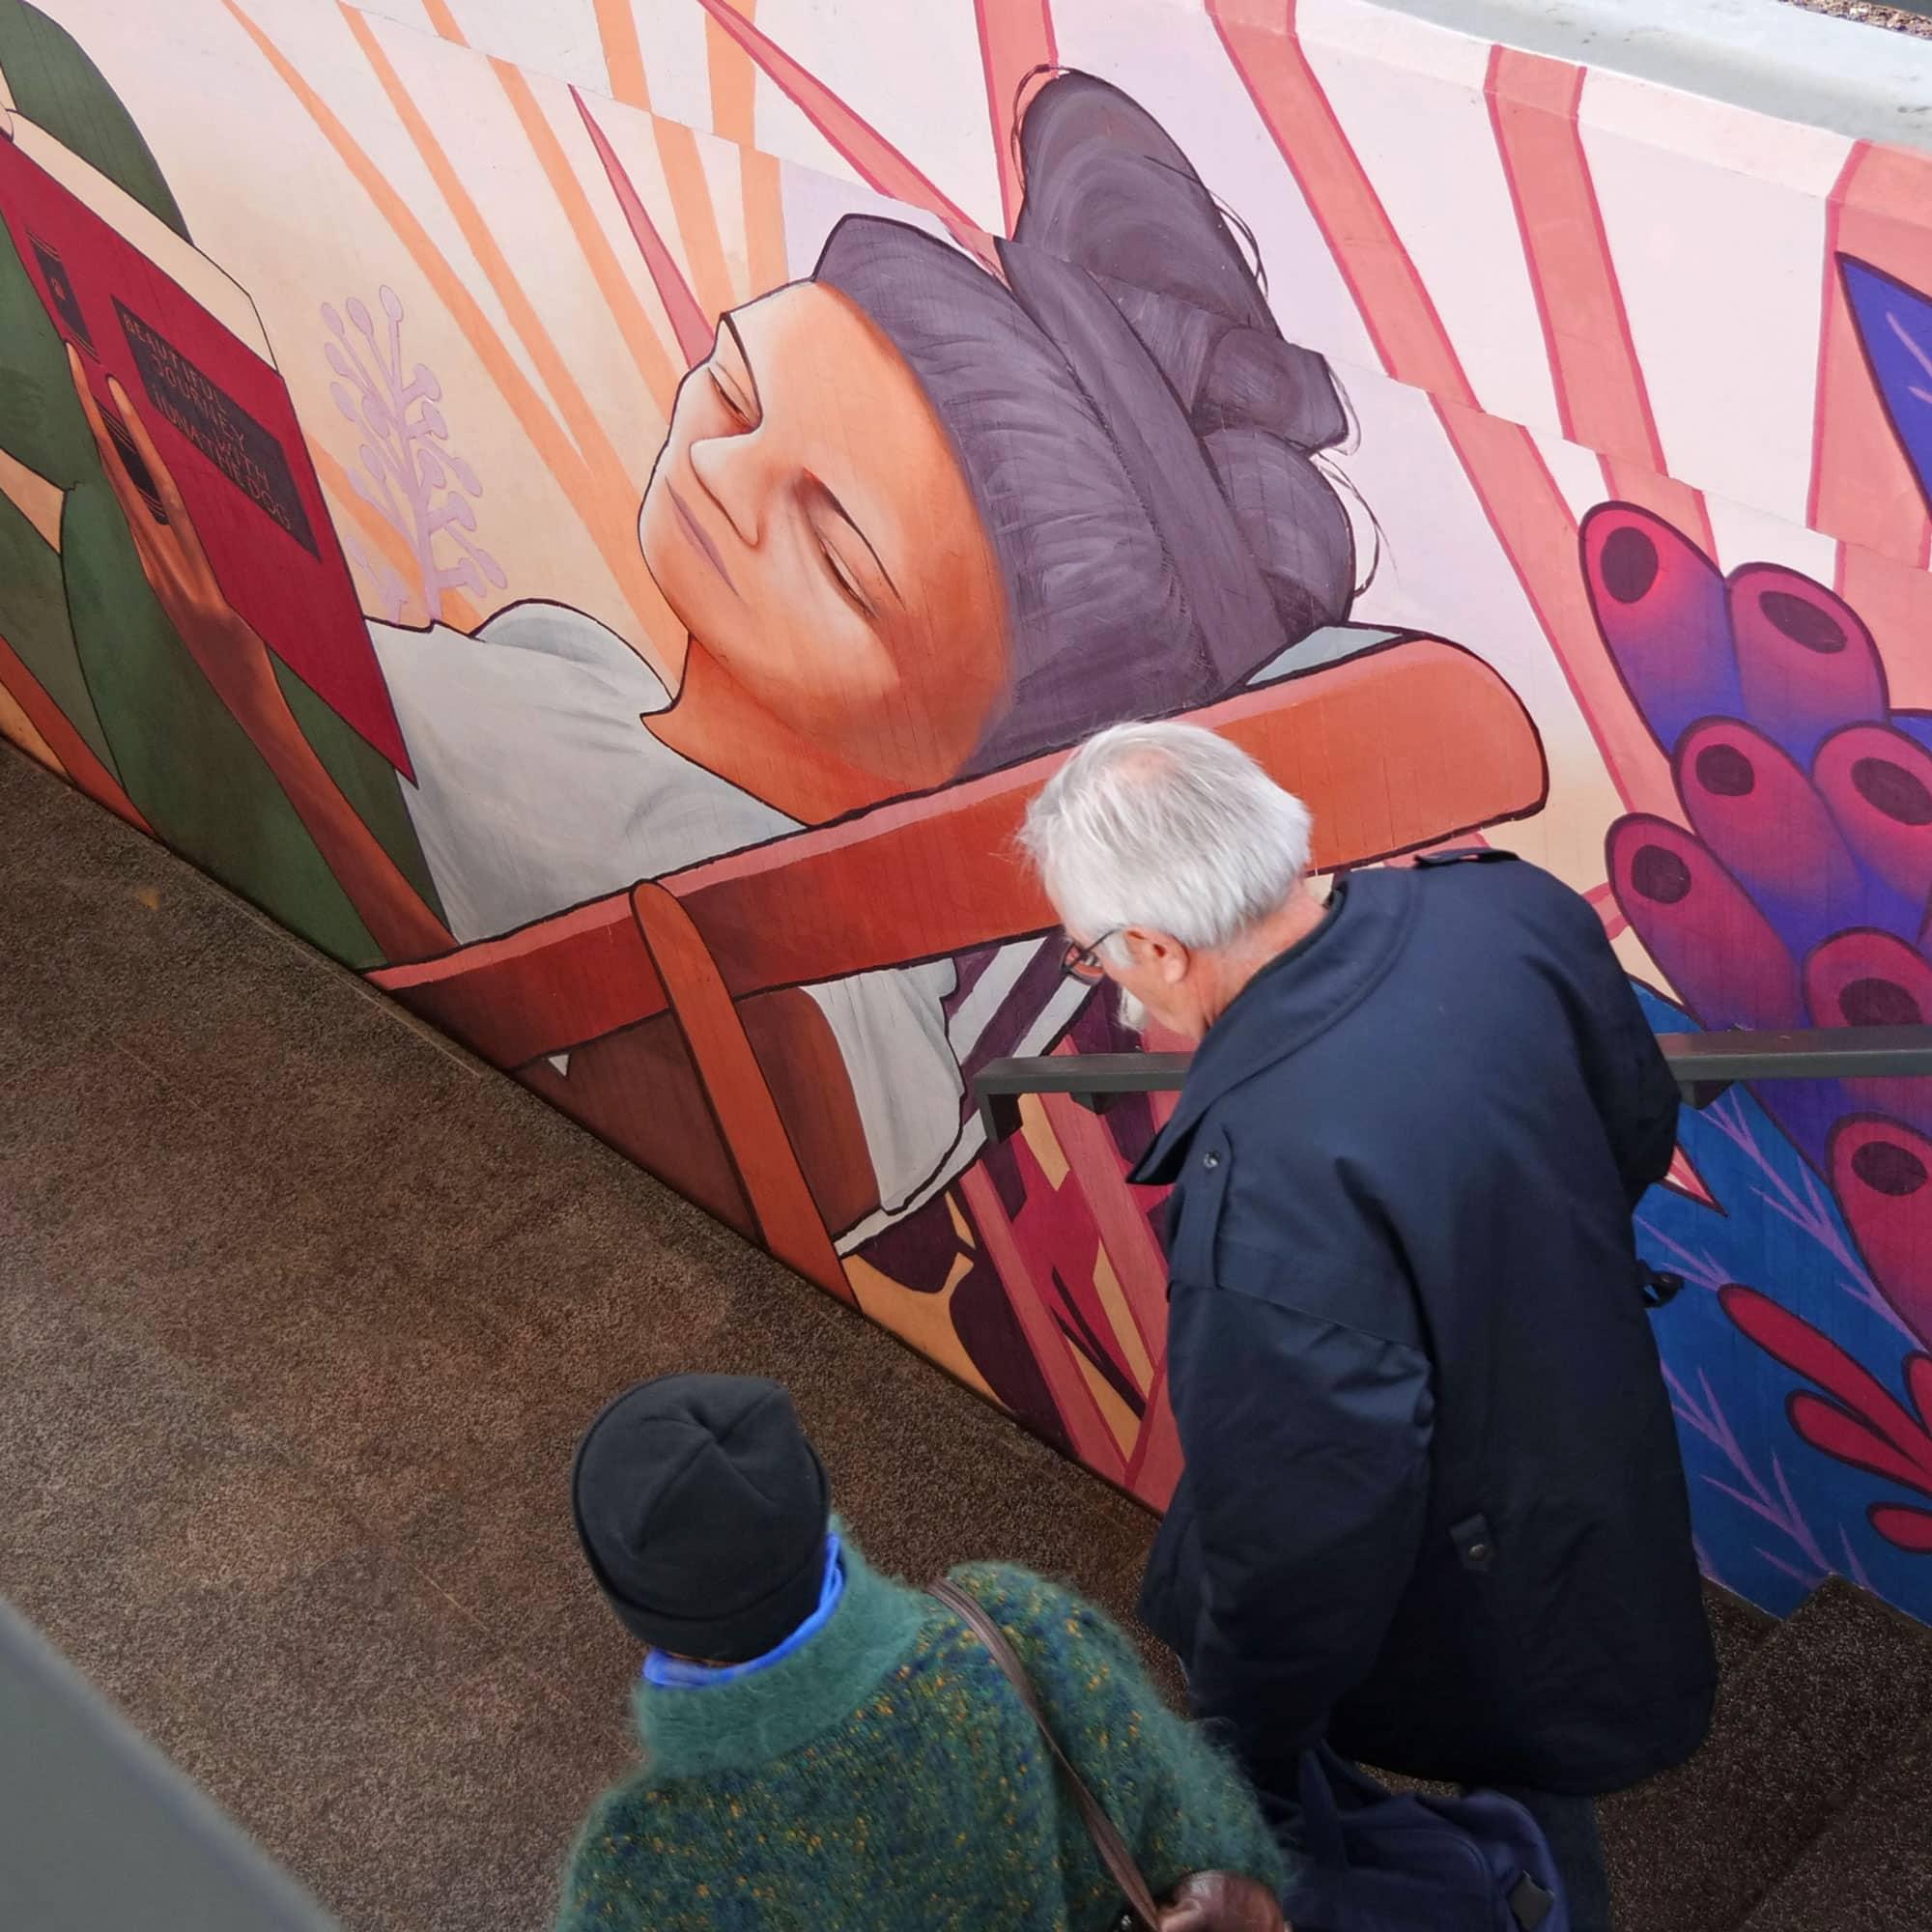 Opération Street Art : Gare de Viry-Châtillon